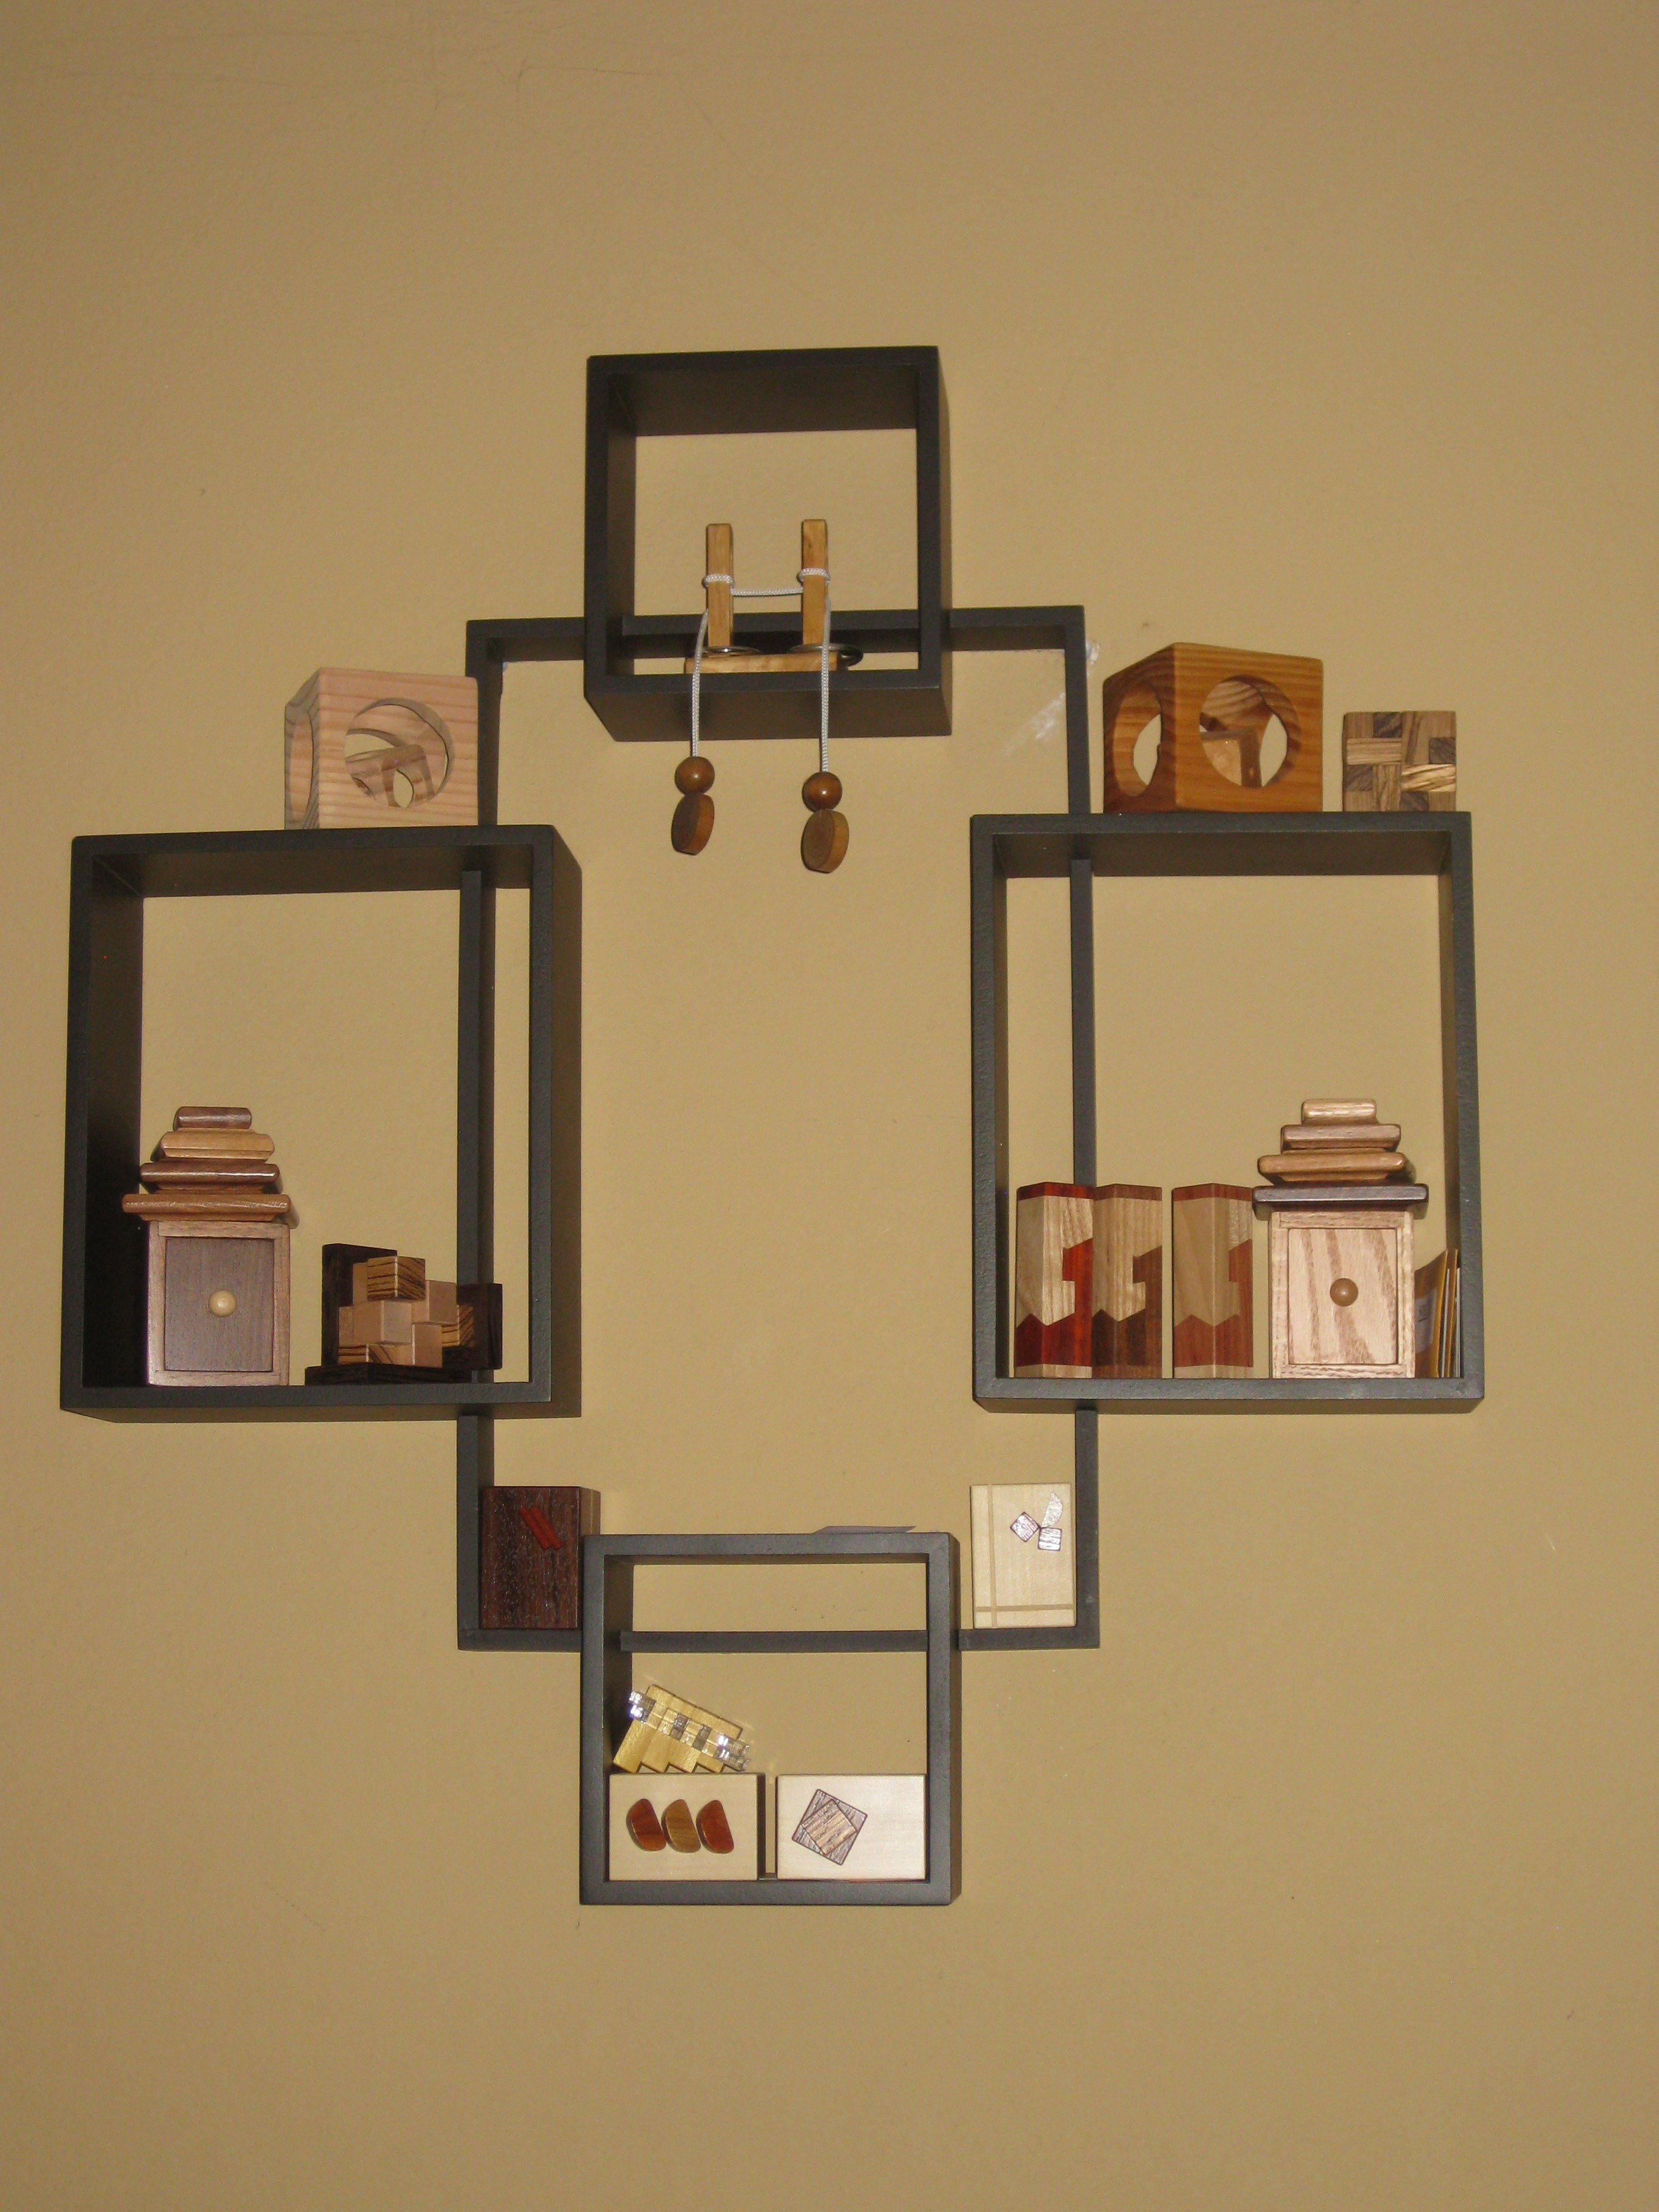 Puzzle Shelves